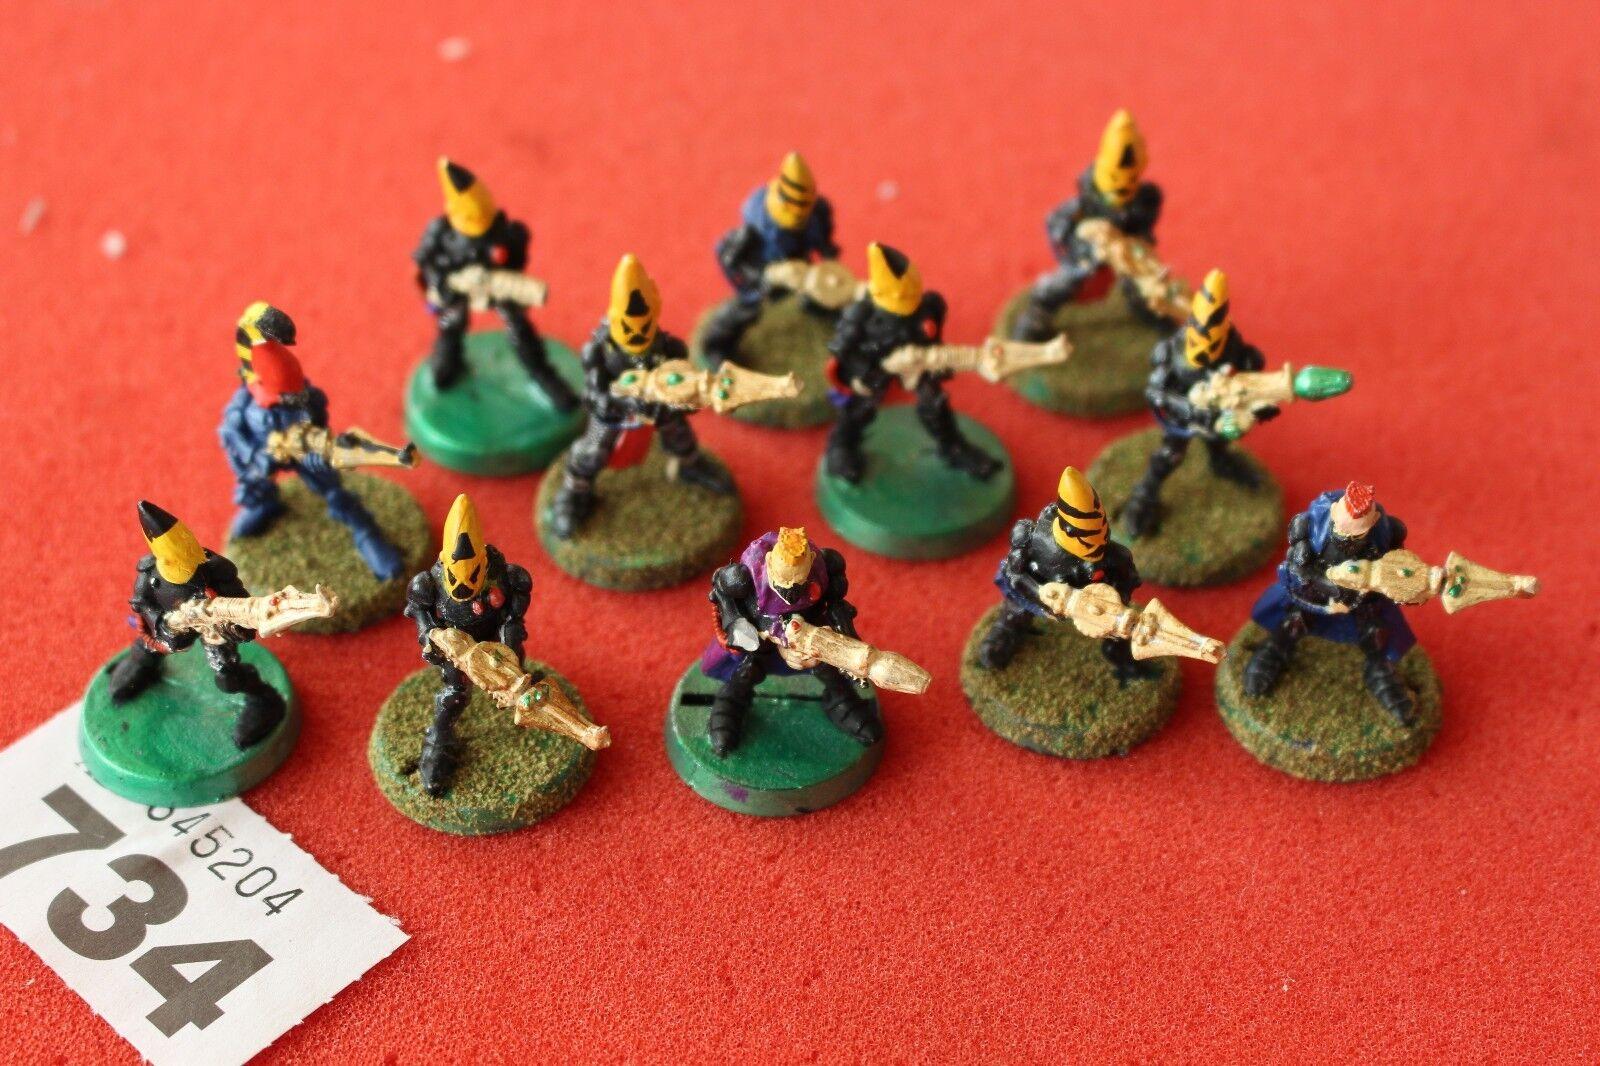 Games Workshop Warhammer 40k Rogue Trader Eldar Gardiens Squad metal figures